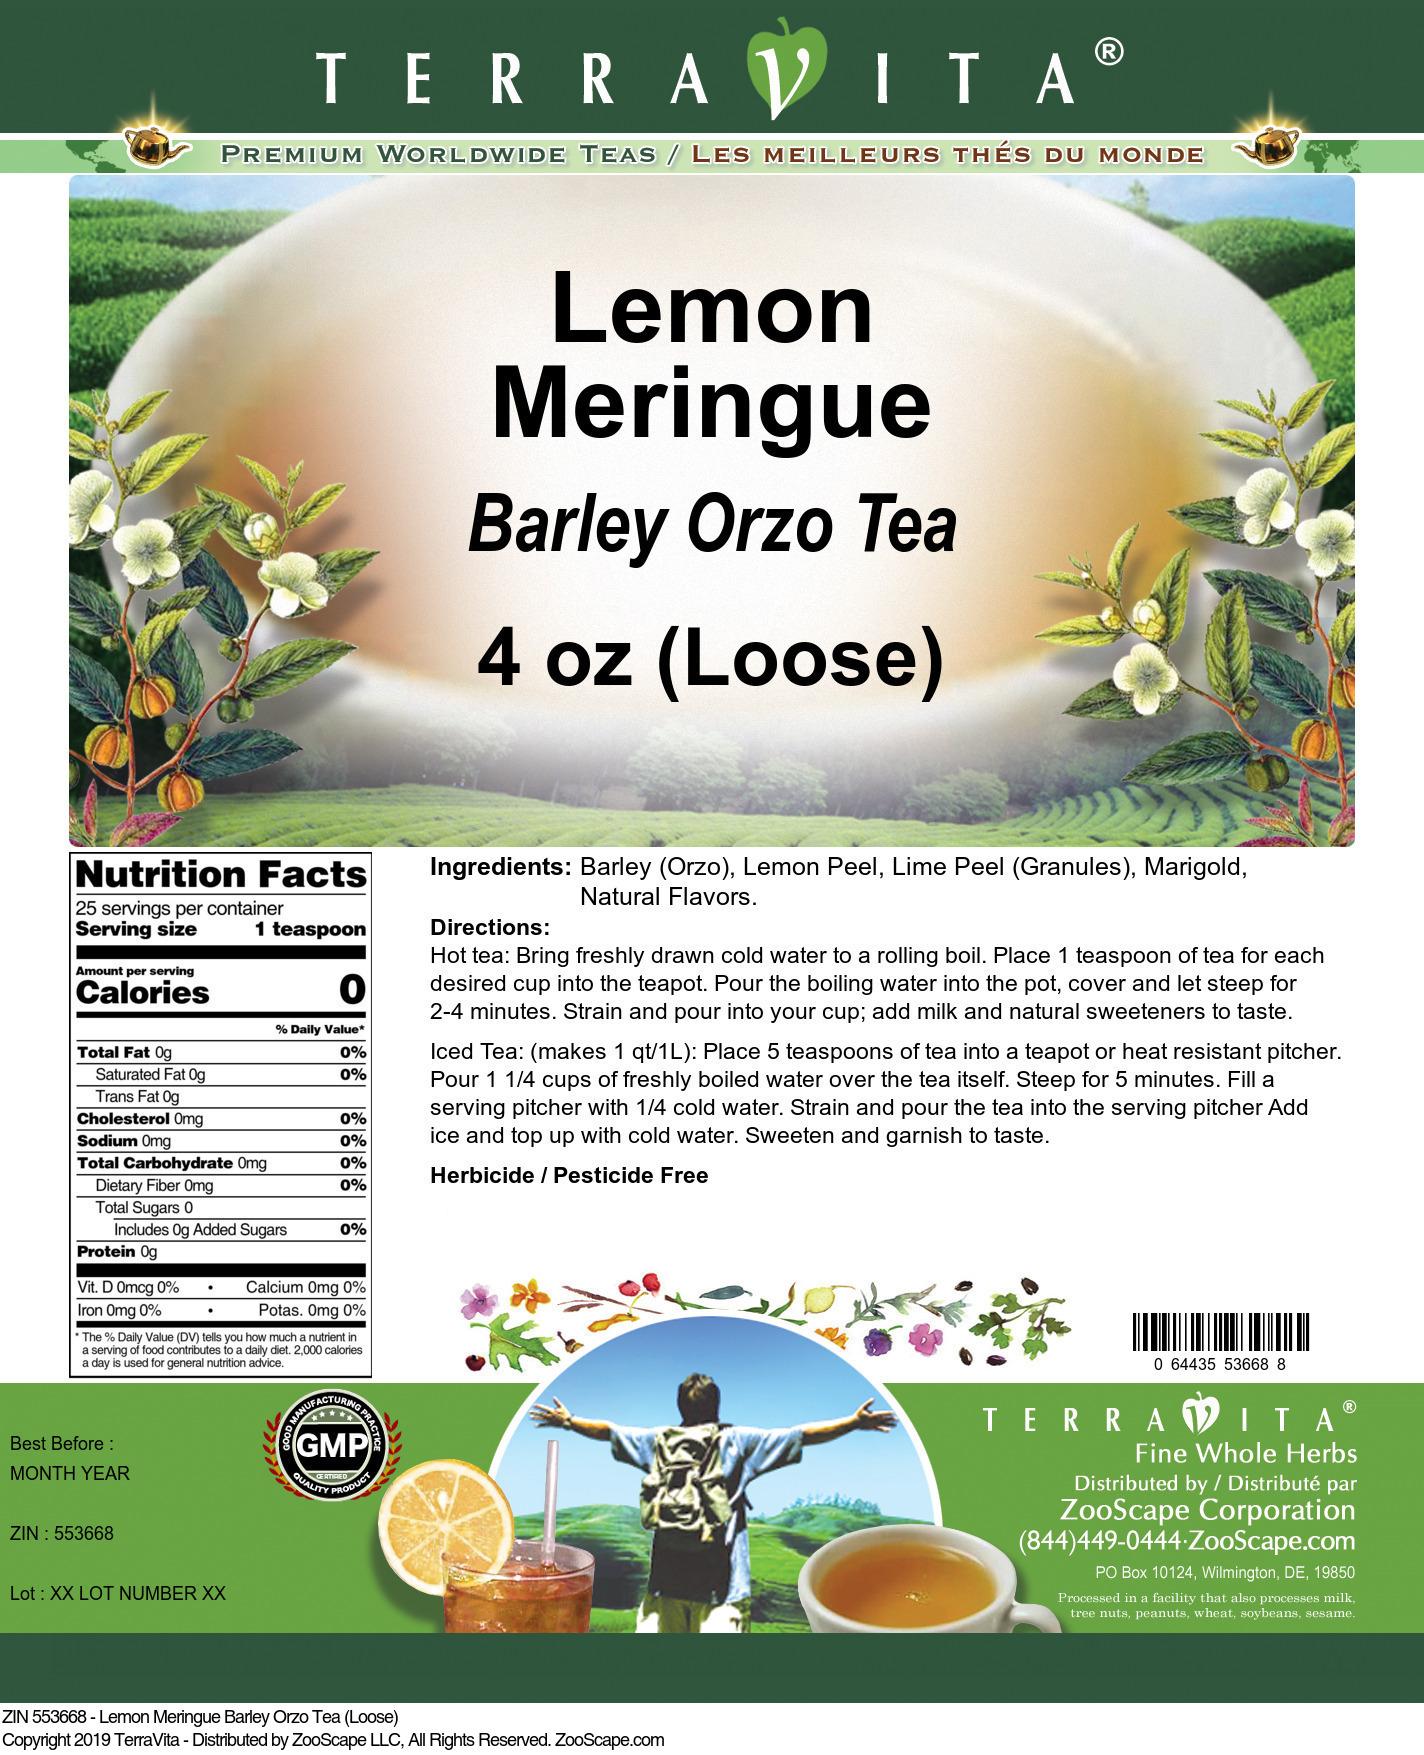 Lemon Meringue Barley Orzo